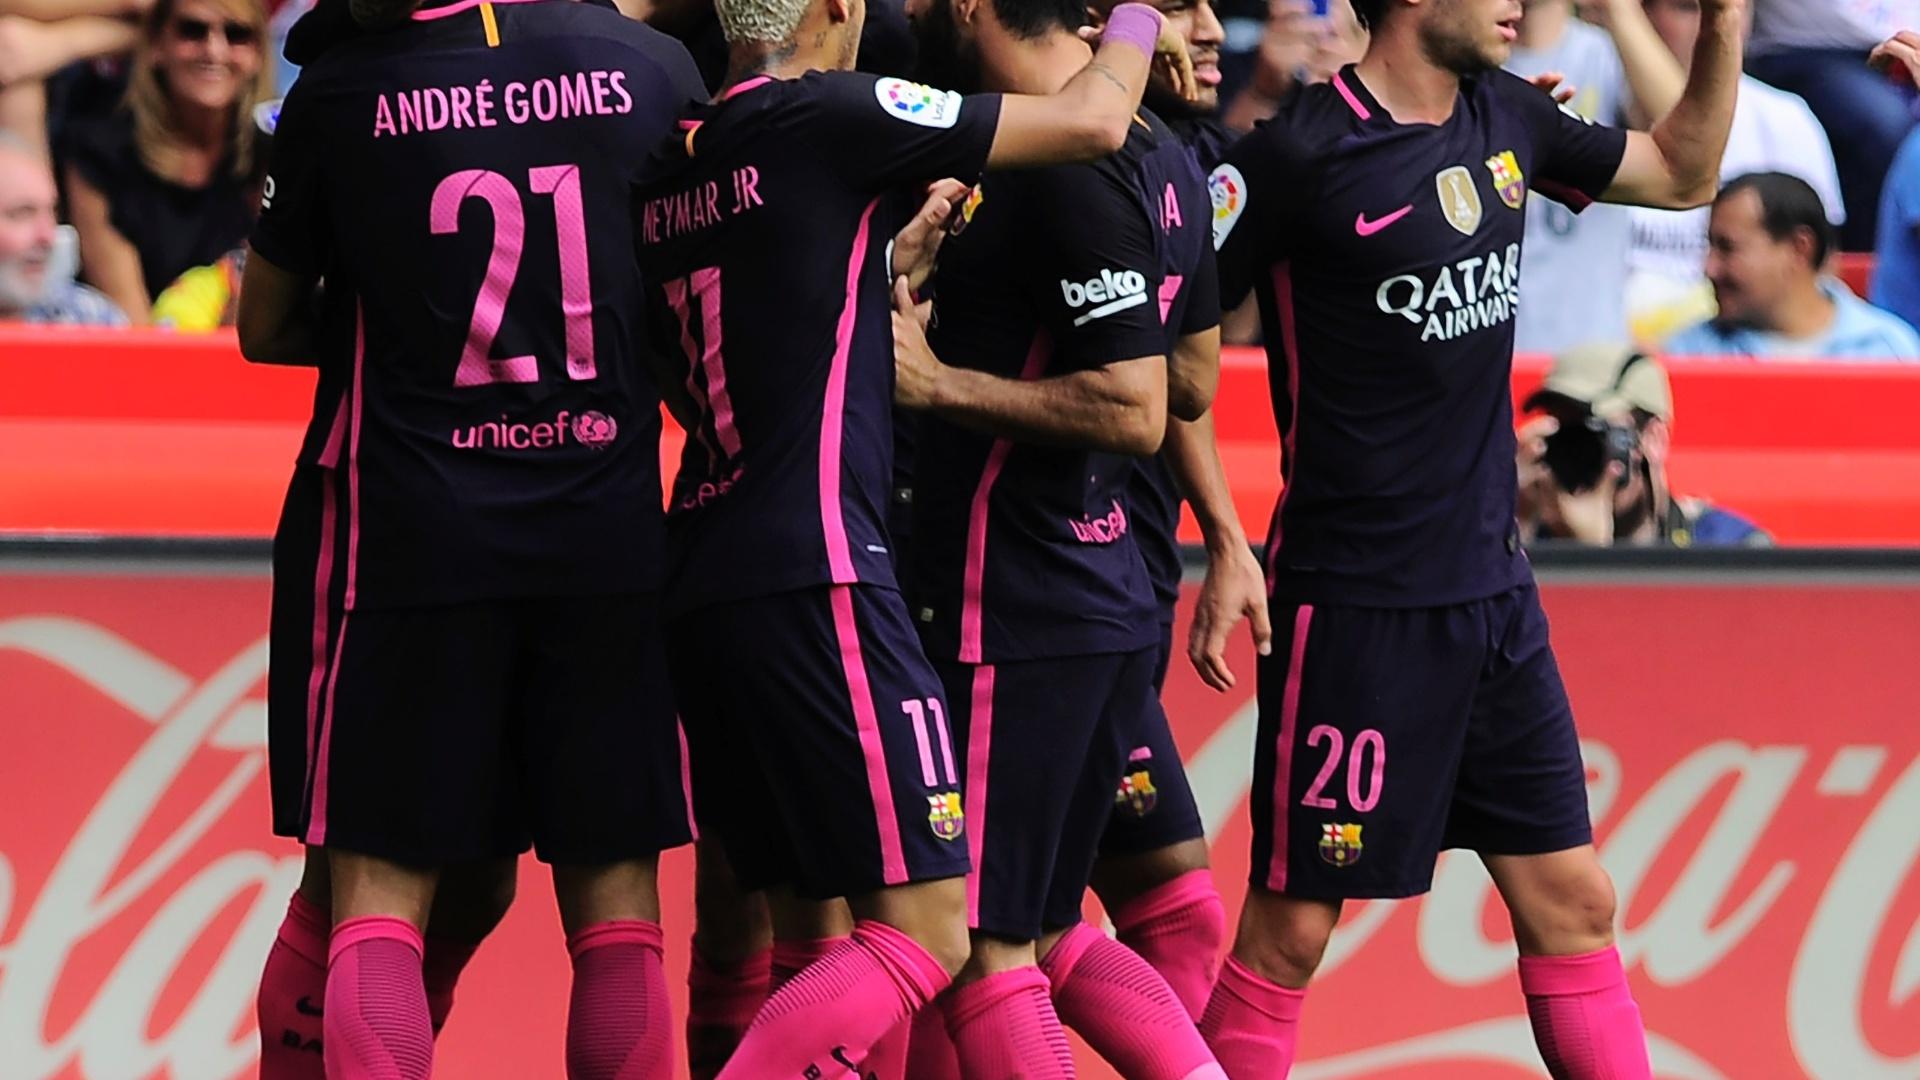 Jogadores do Barcelona celebram gol contra o Sporting Gijón